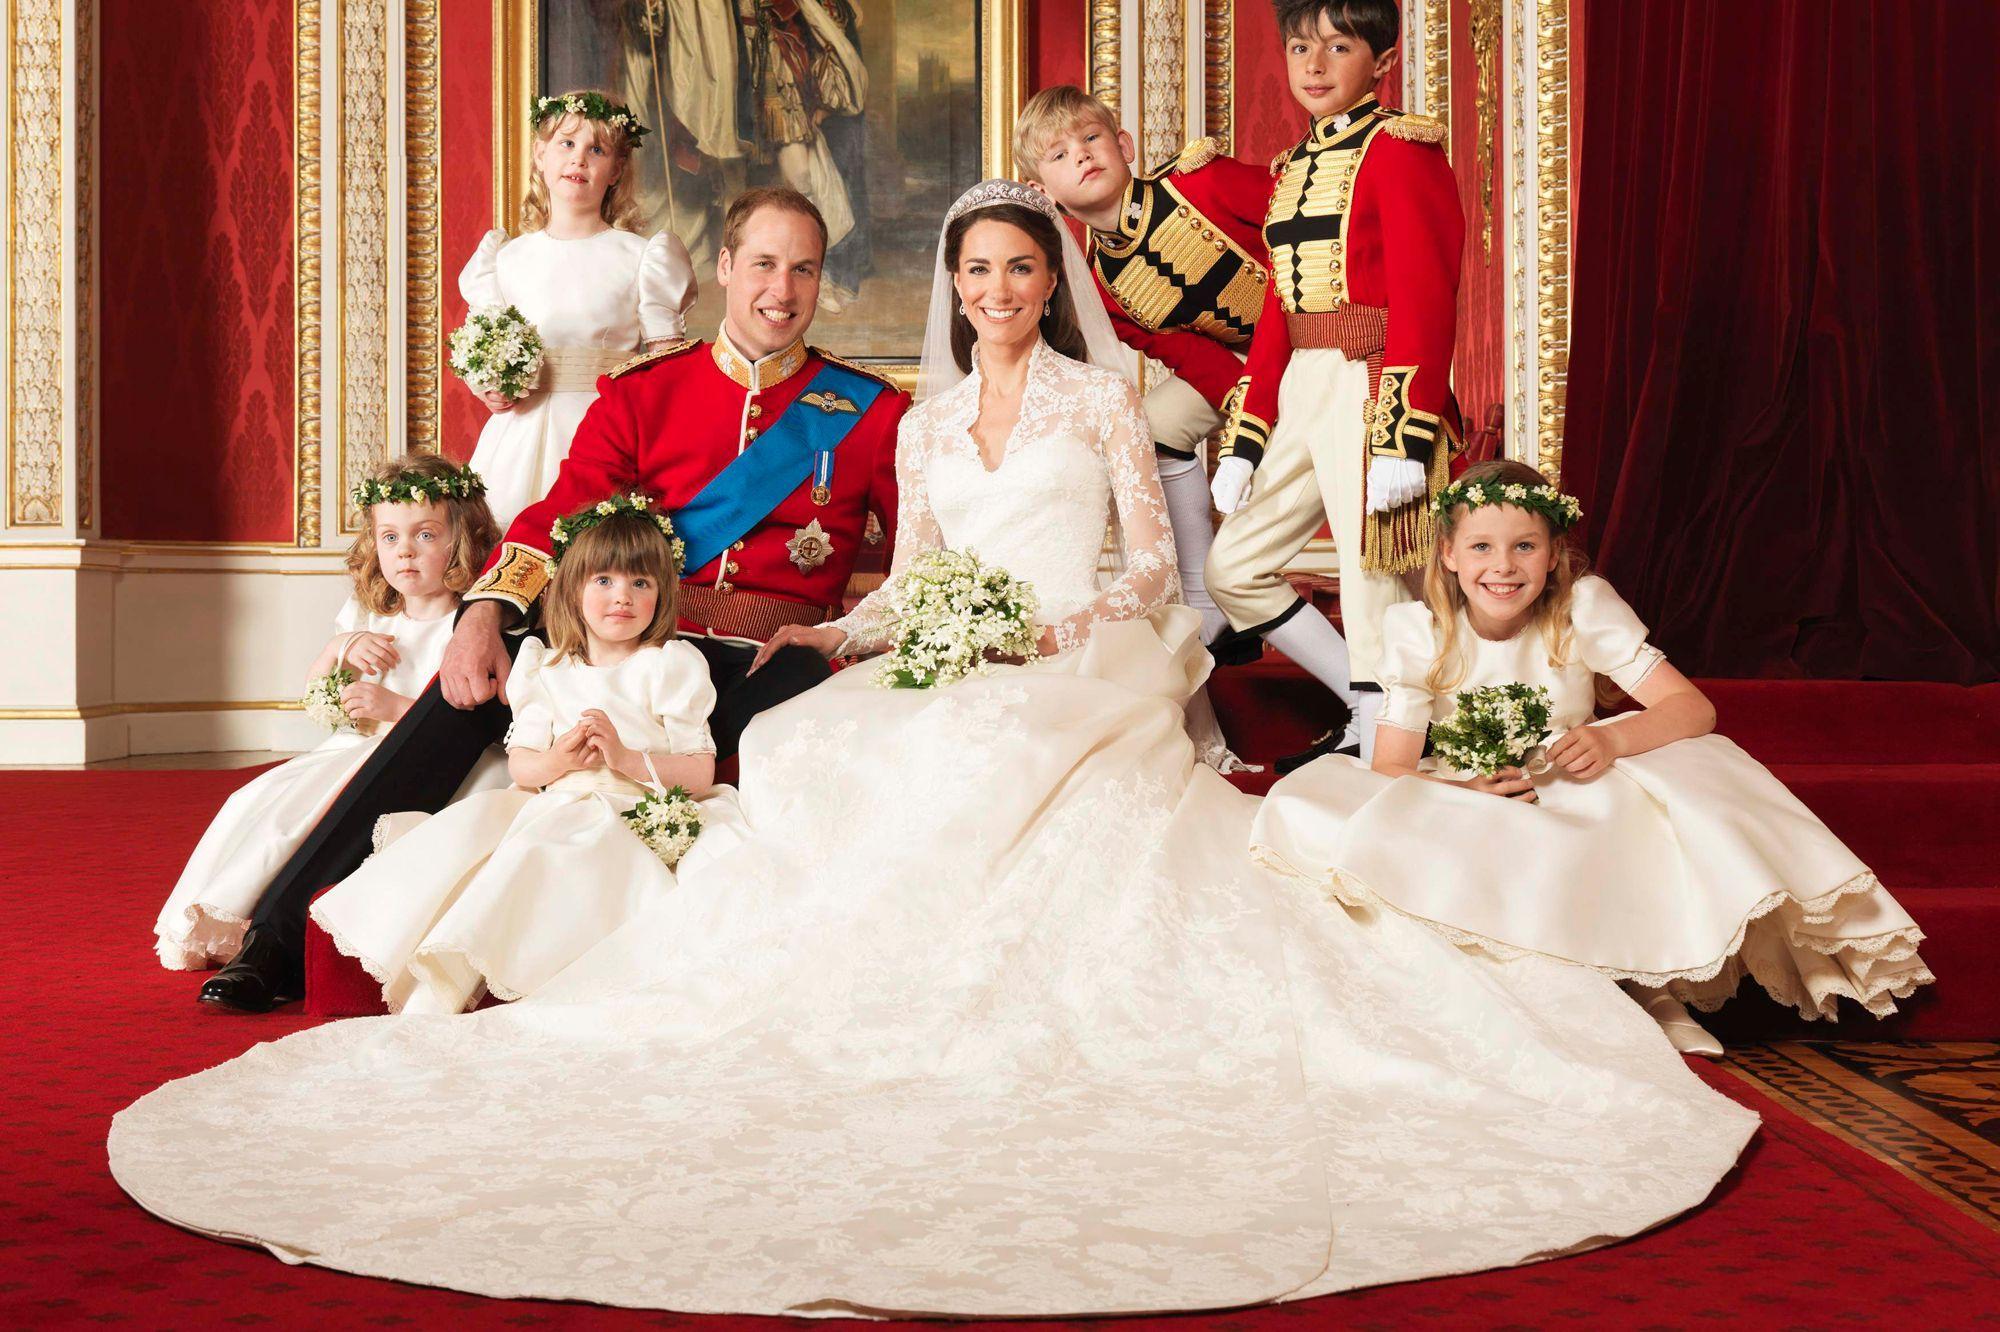 Sortie Destockage Robe De Mariee De La Princesse Kate Baskets Archipoles Fr